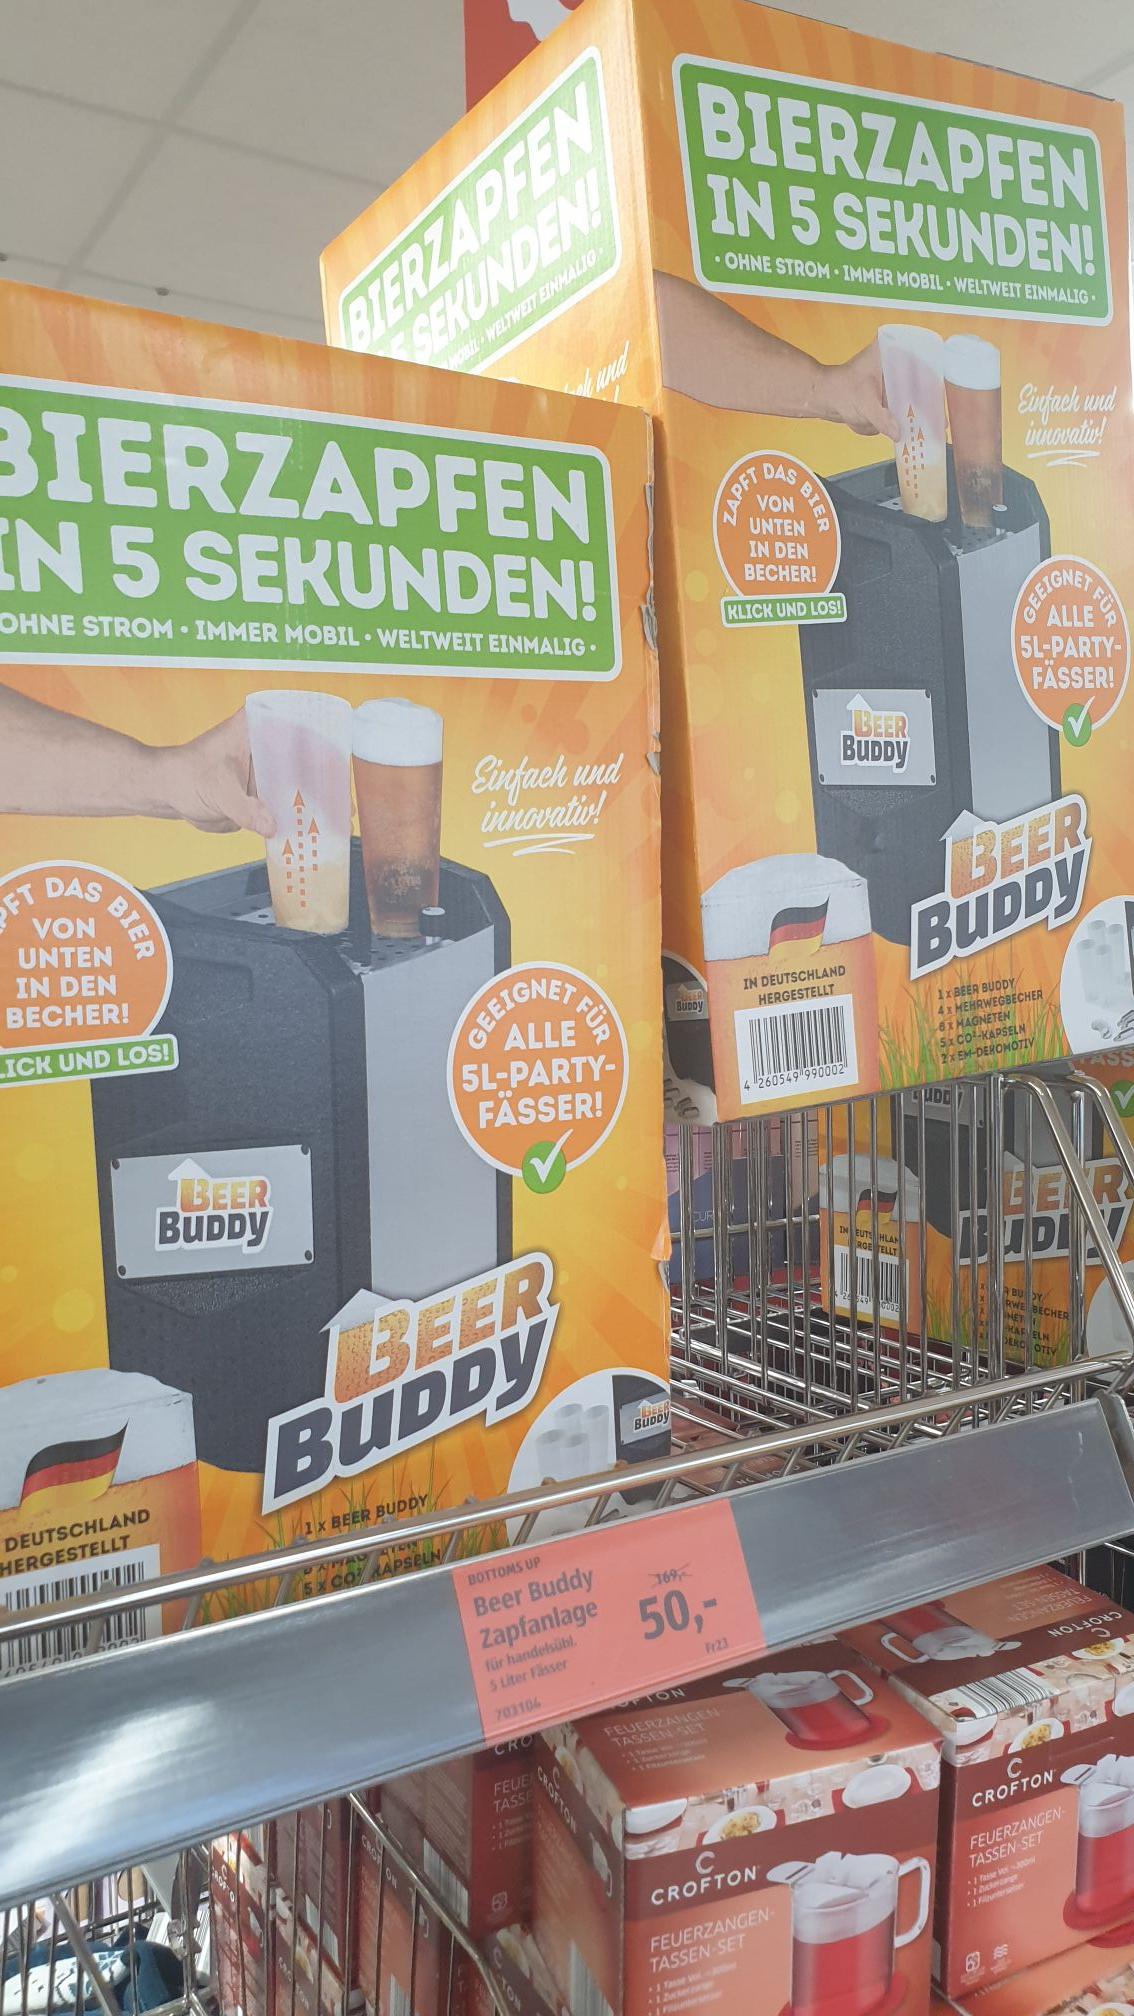 (Lokal Aldi Kempten) - Beer Buddy Zapfanlage für 5 Liter Fässer